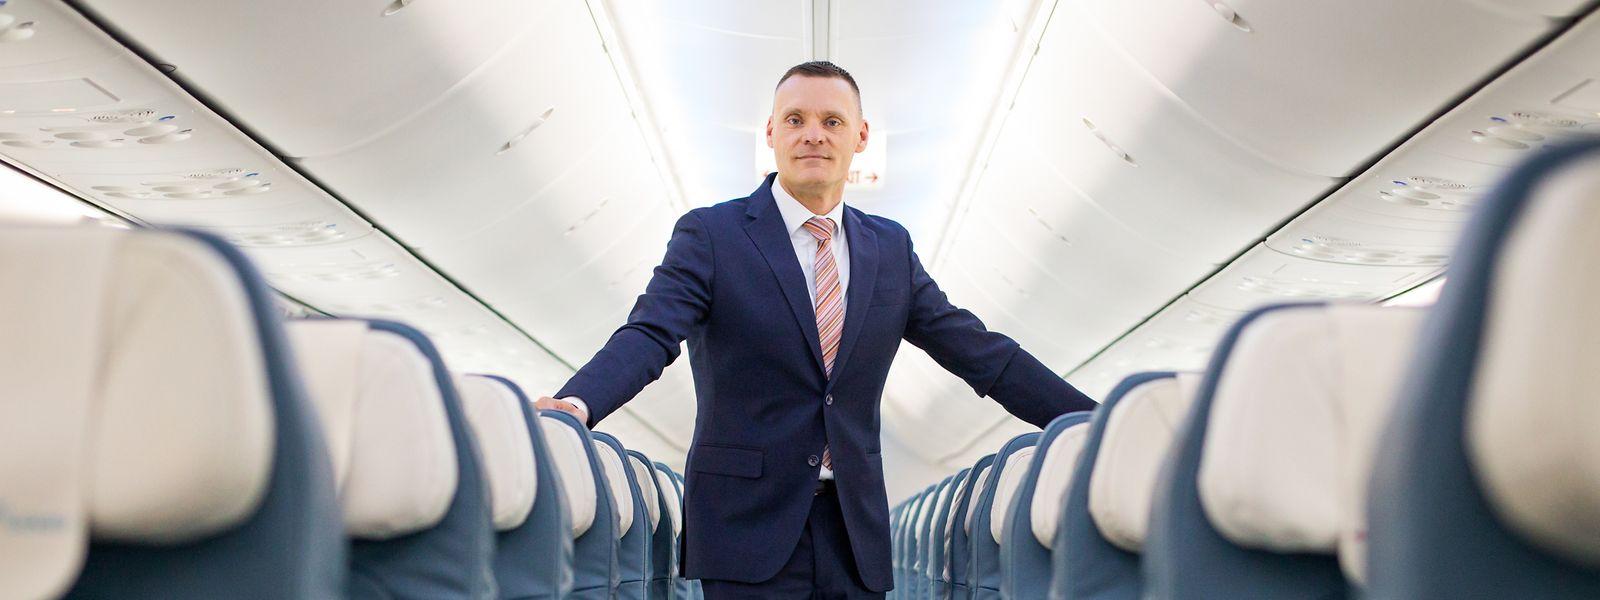 «Affirmer que les anciens modèles fonctionneront toujours, je n'y crois pas», avance Gilles Feith, nouveau directeur général de Luxair Group.